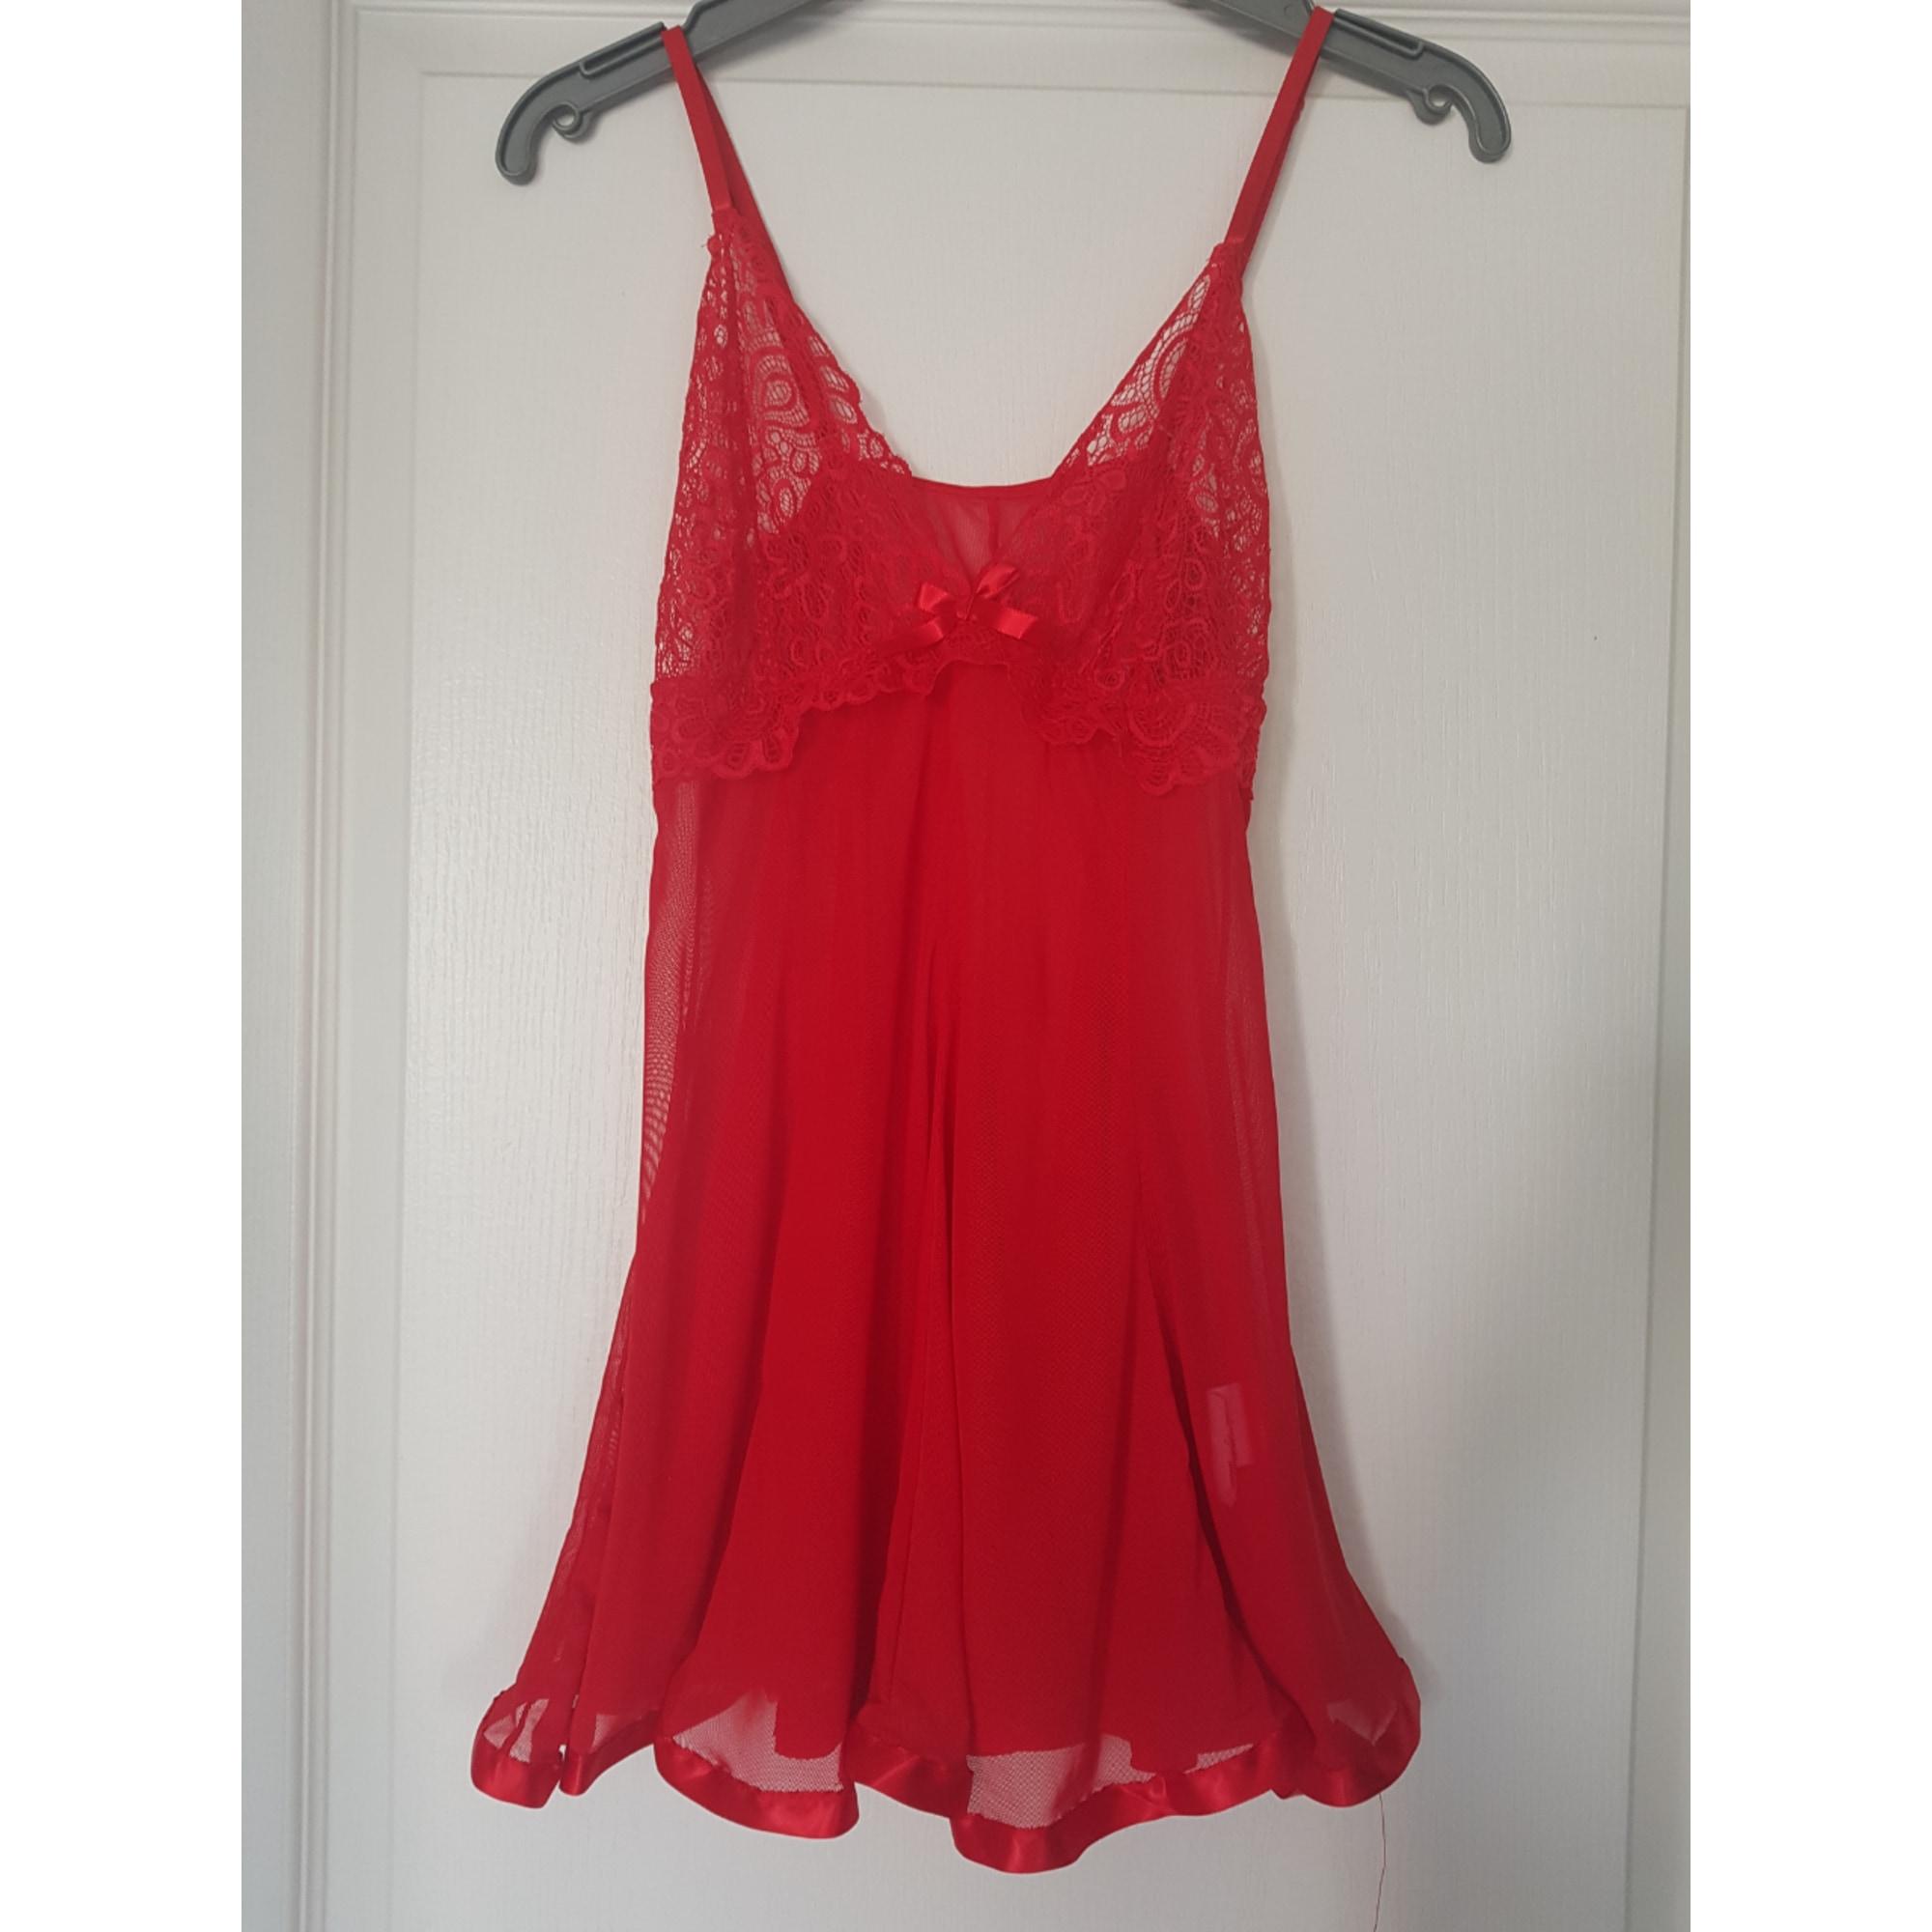 Ensemble, parure lingerie MARQUE INCONNUE Rouge, bordeaux